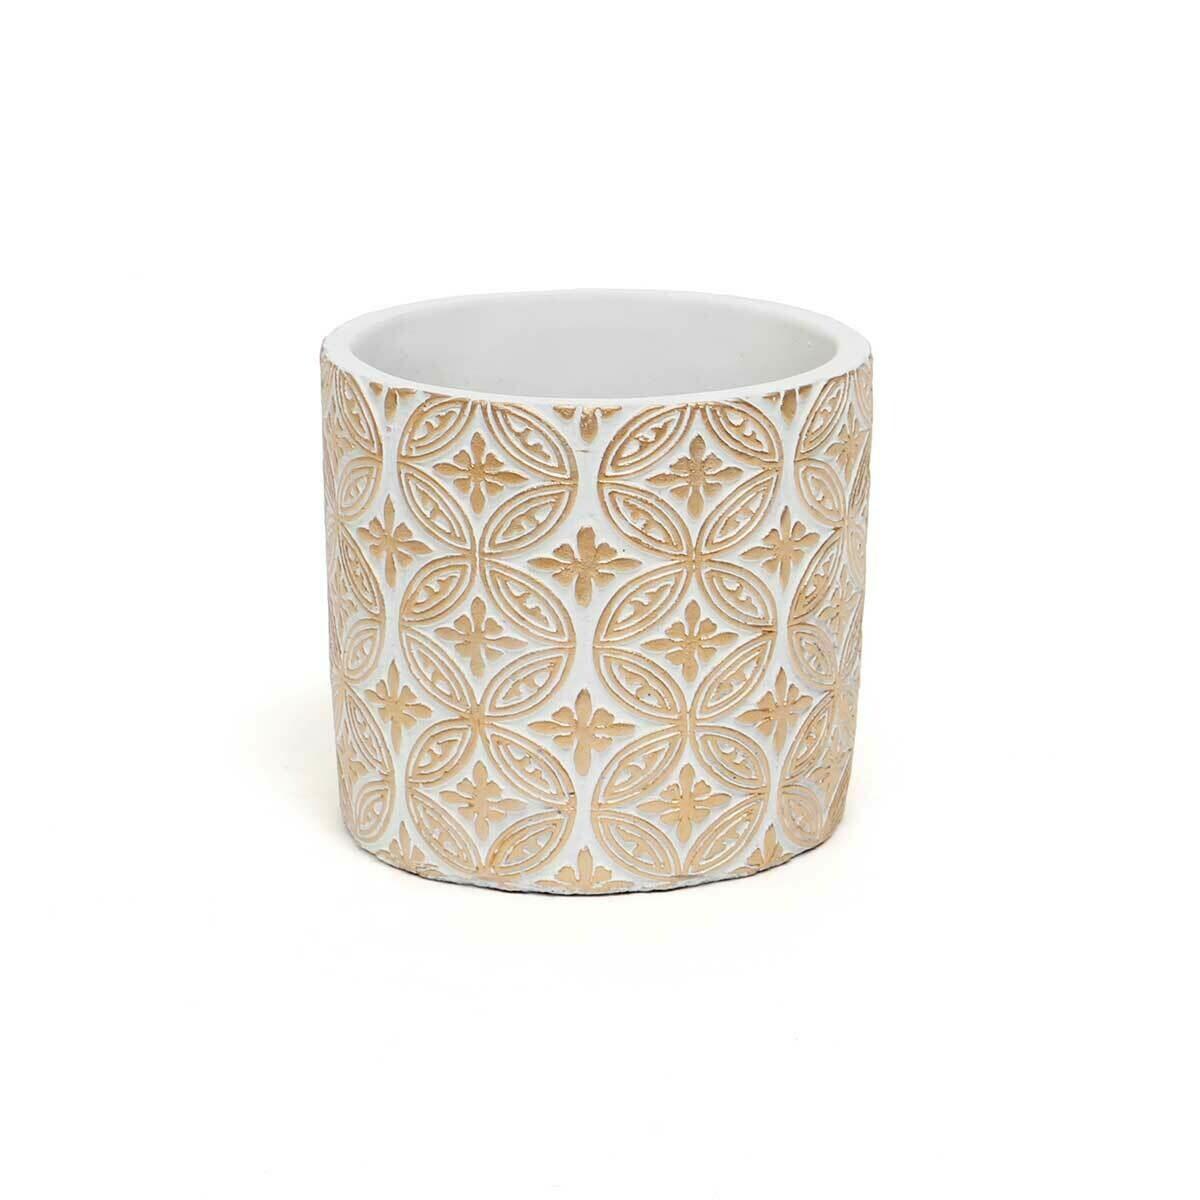 """Crest Concrete Pot - White & Beige - Small - 4.5""""H x 4.25""""W"""